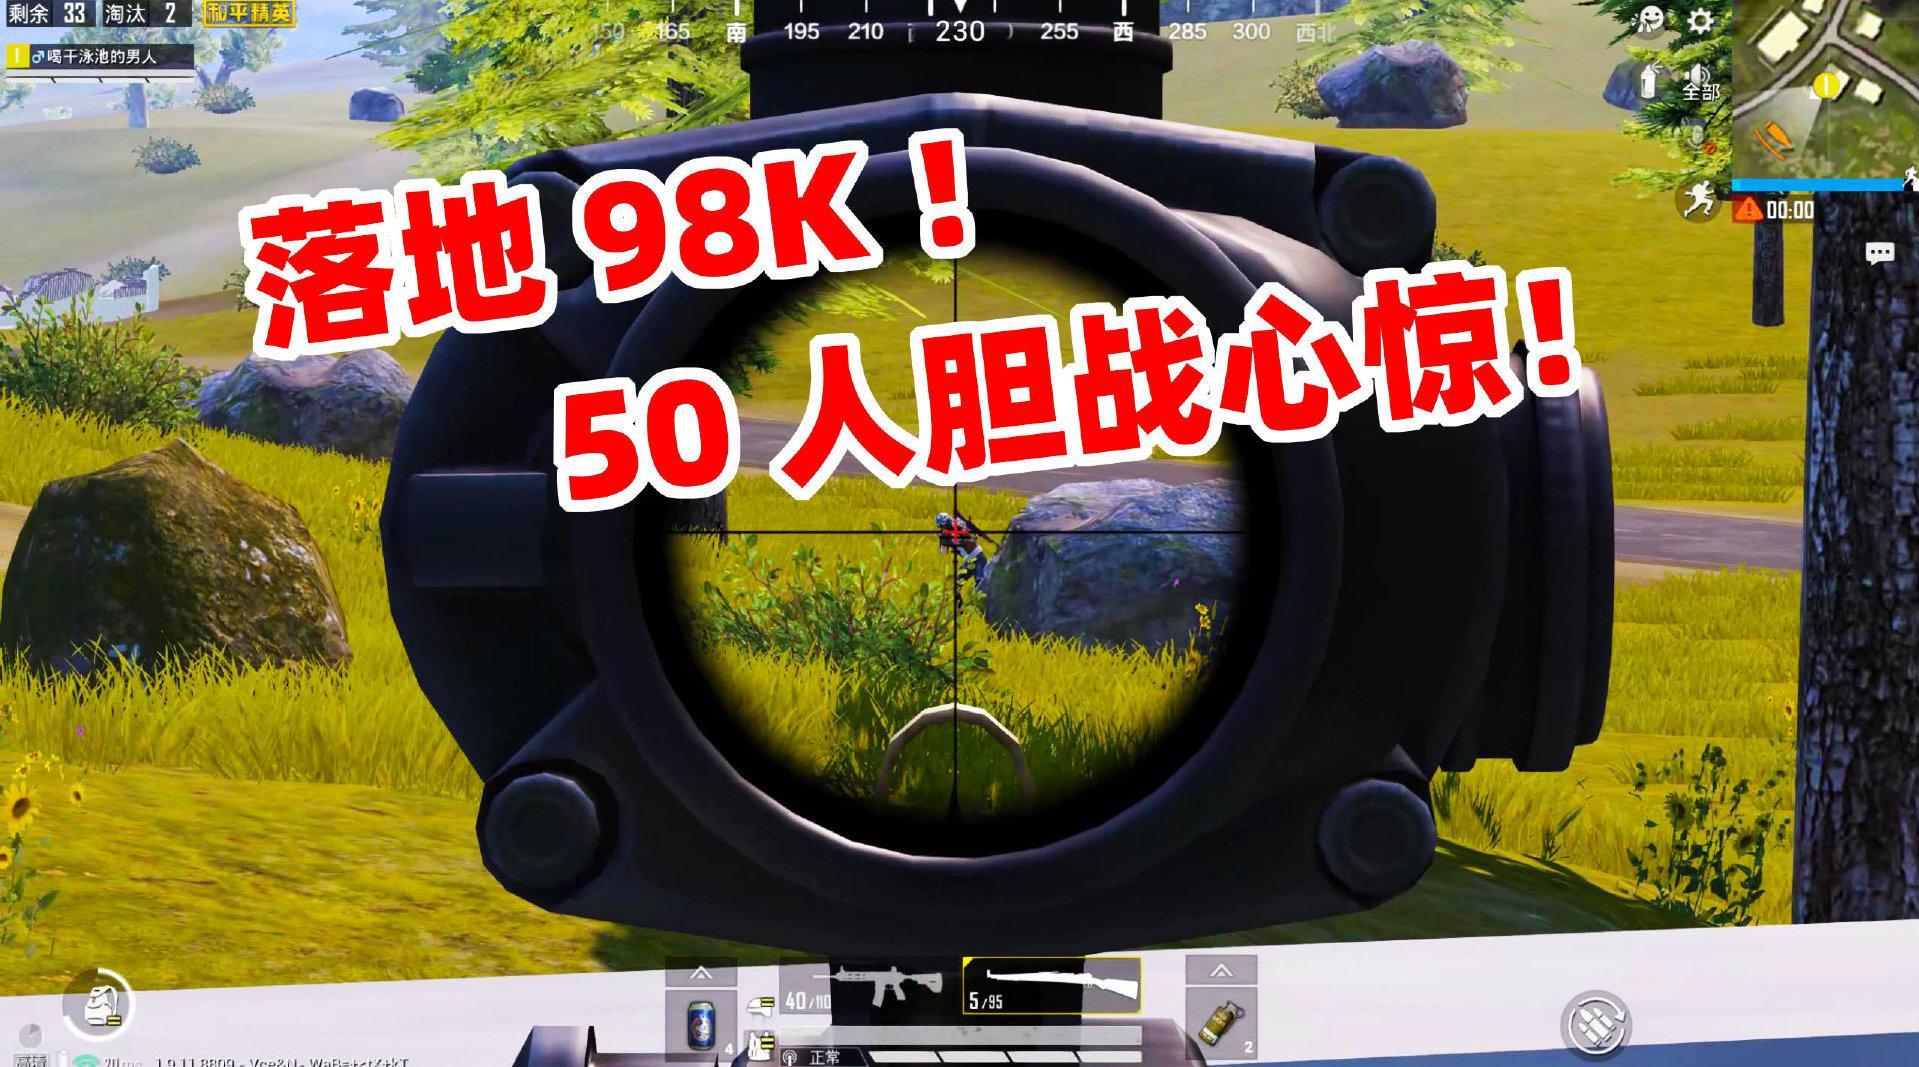 狙击手麦克:11杀激战山谷,落地一把4倍98K,直接蔑视50名对手!